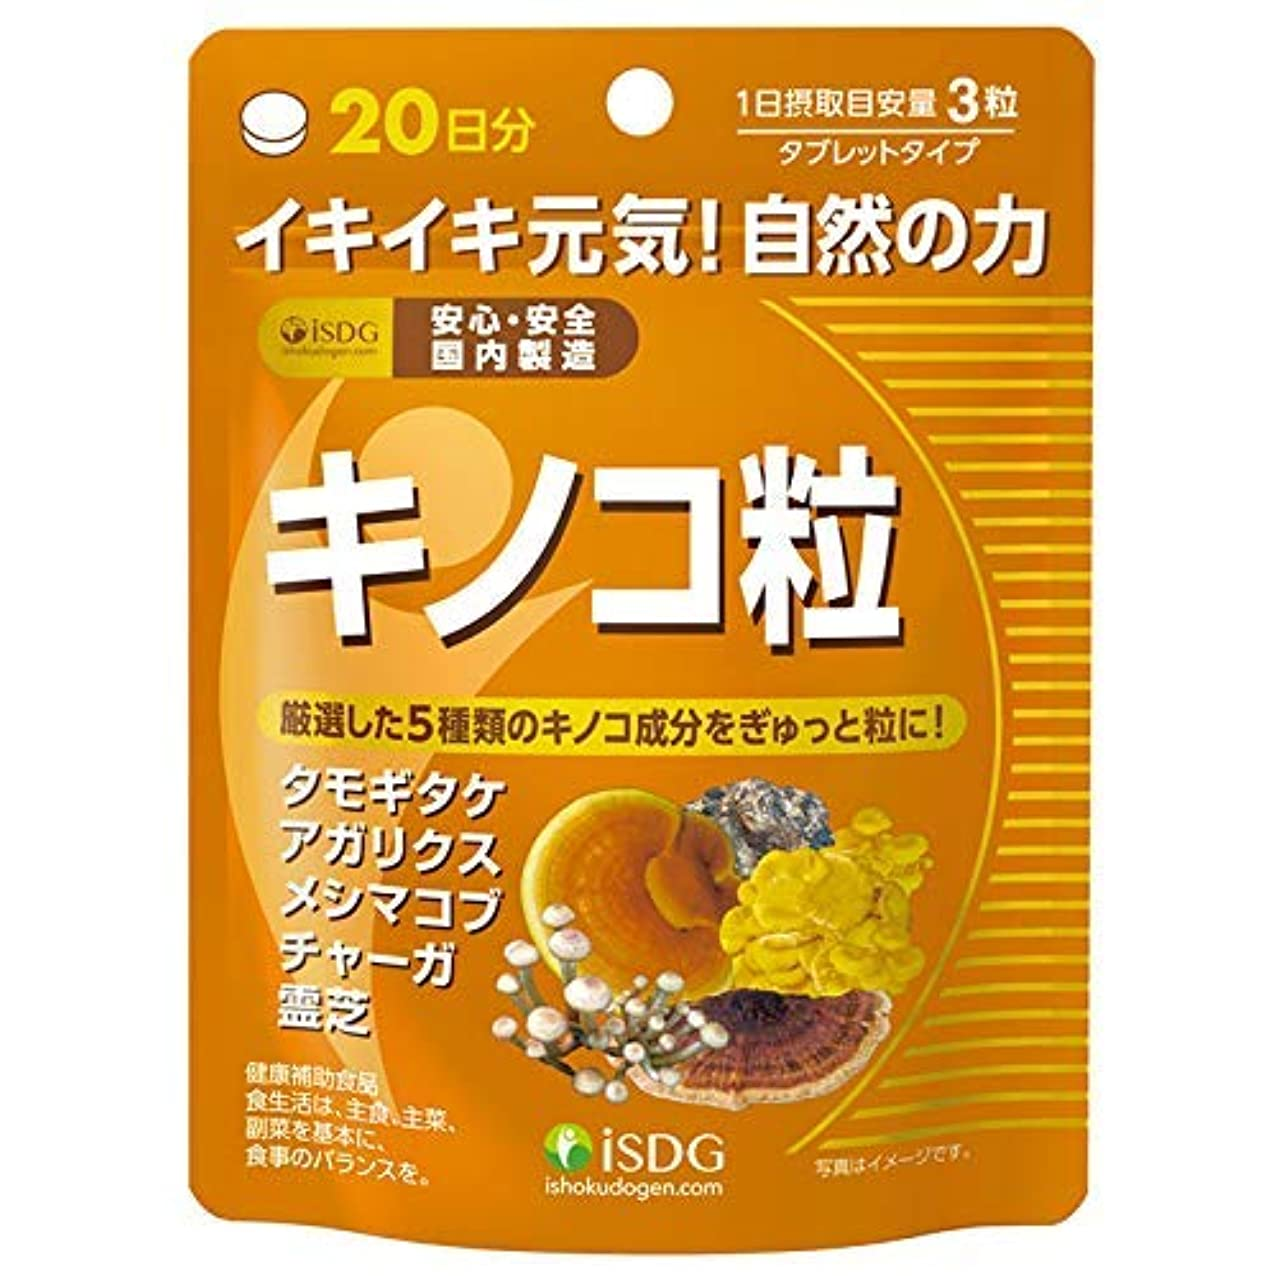 リンケージノミネート急速な医食同源ドットコム ISDG 医食同源 キノコ 60粒×5個セット